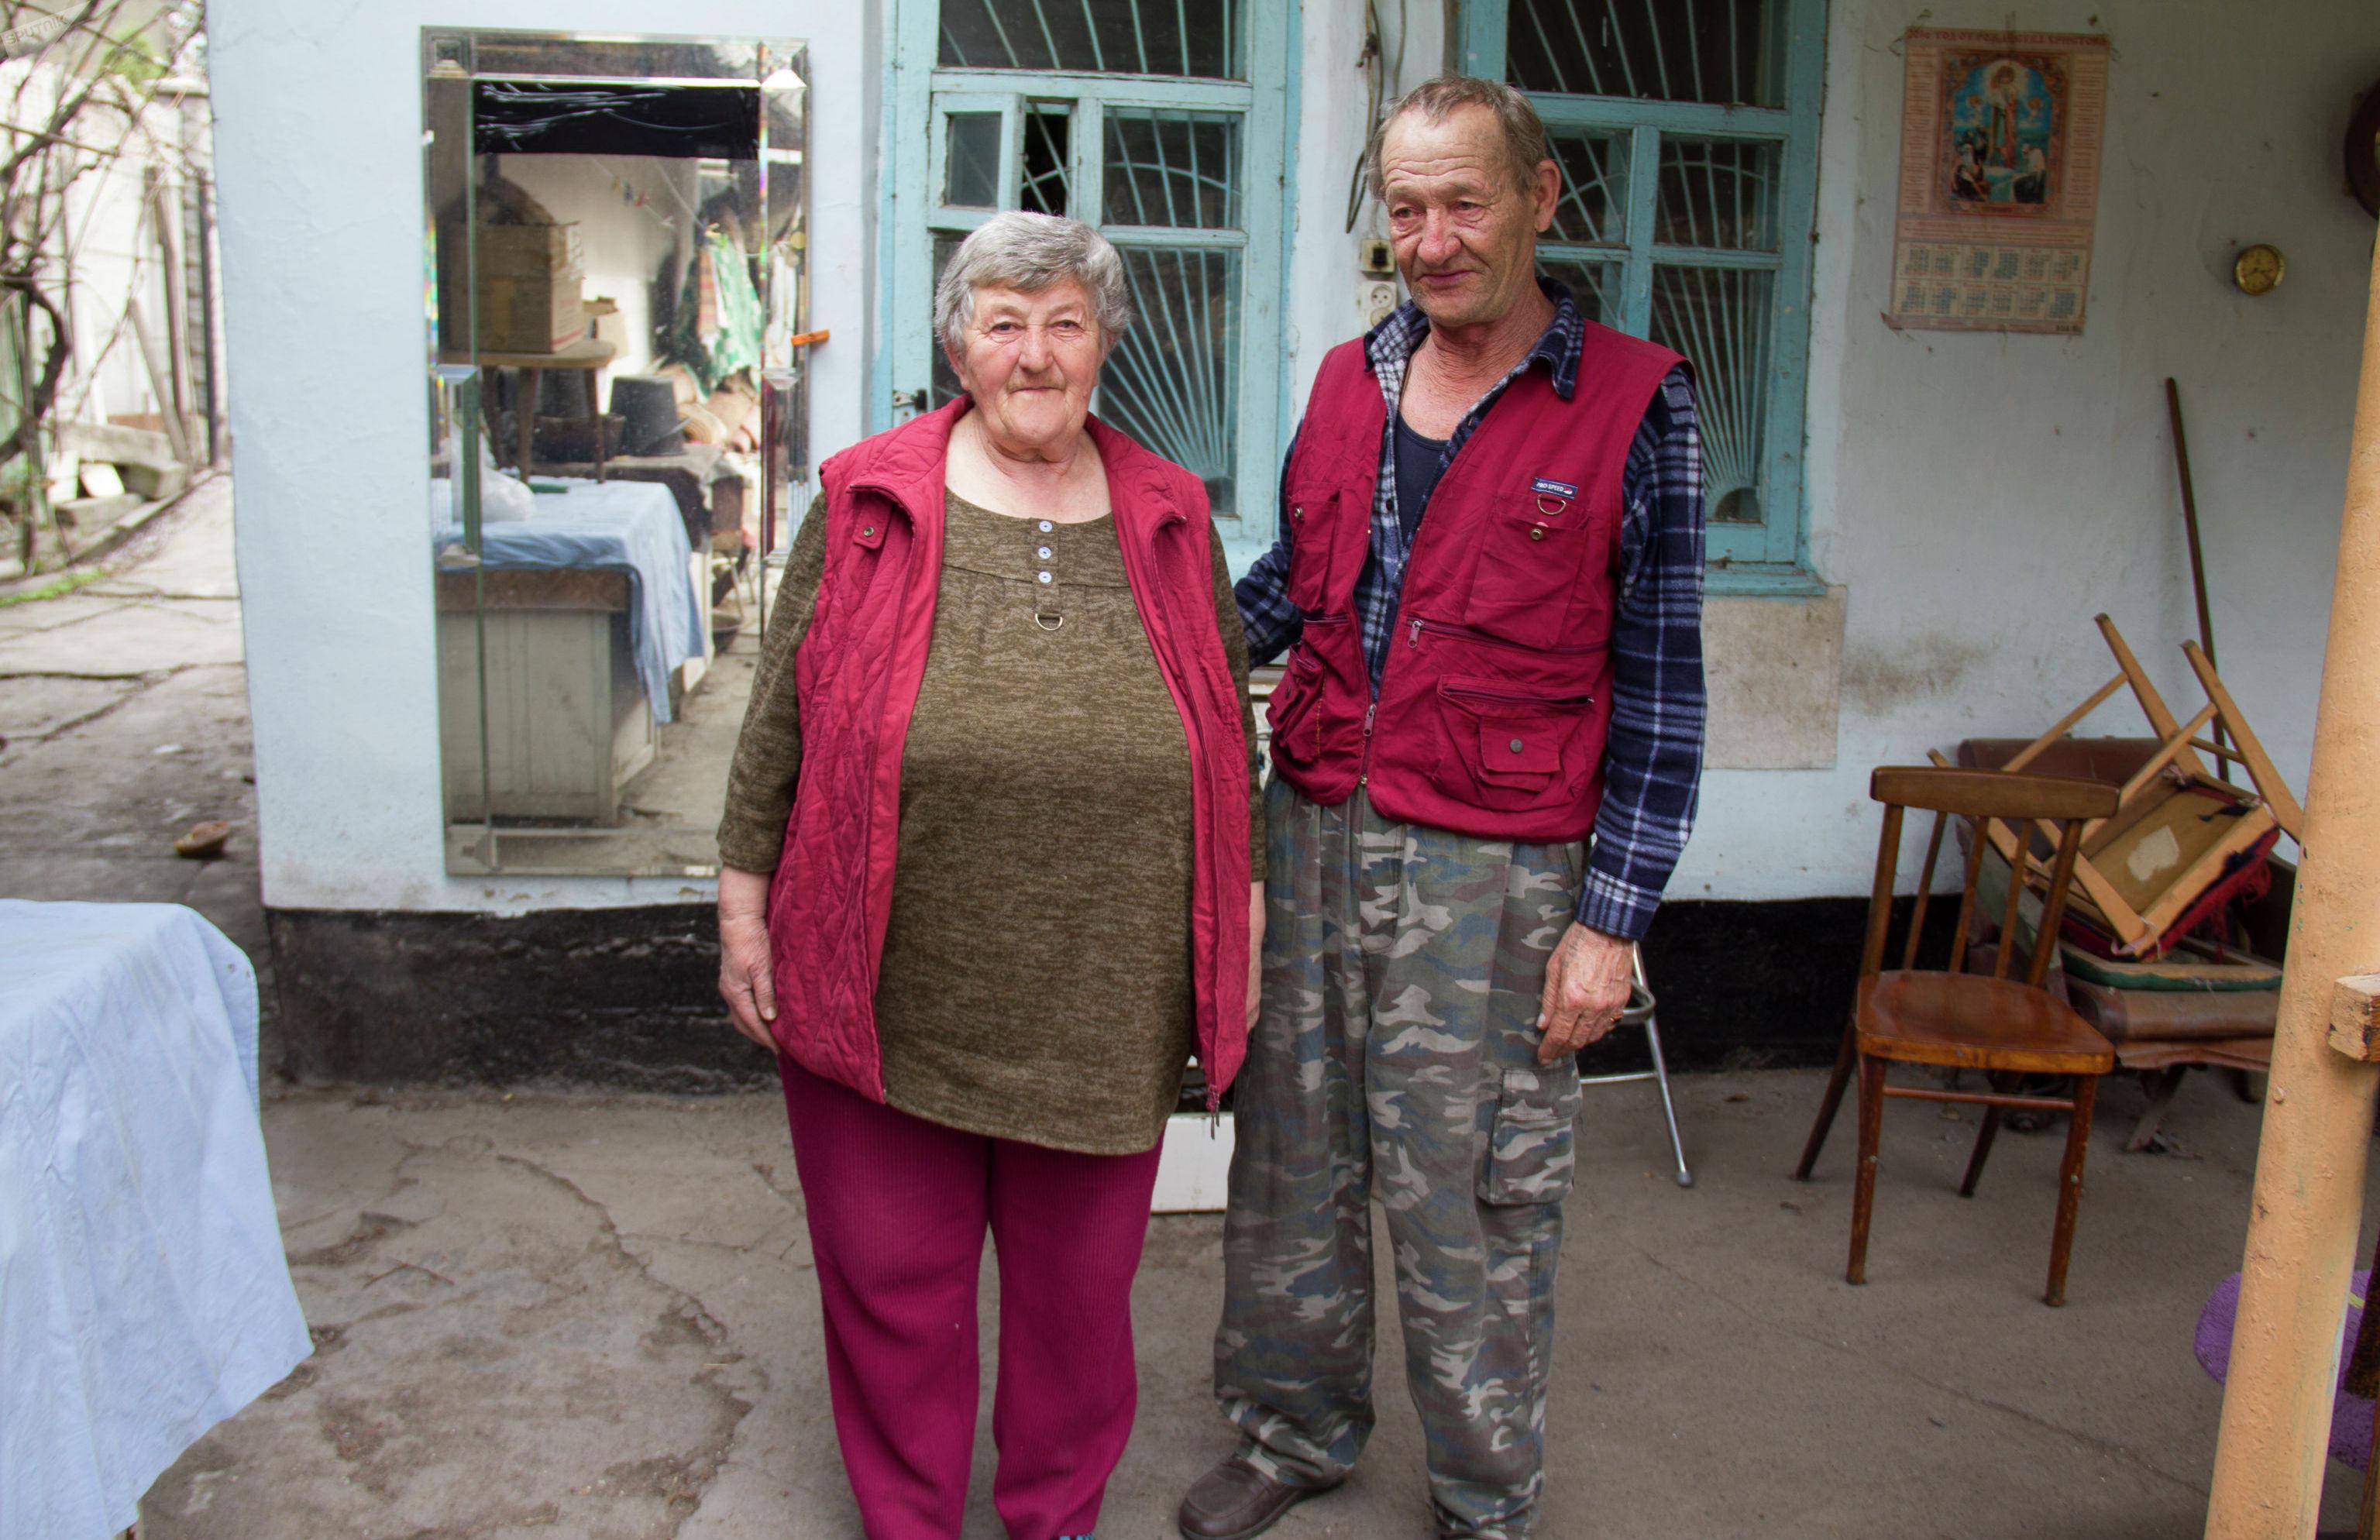 Жительница Бишкека Елизавета Васильевна с мужем Виктором Дмитриевичем